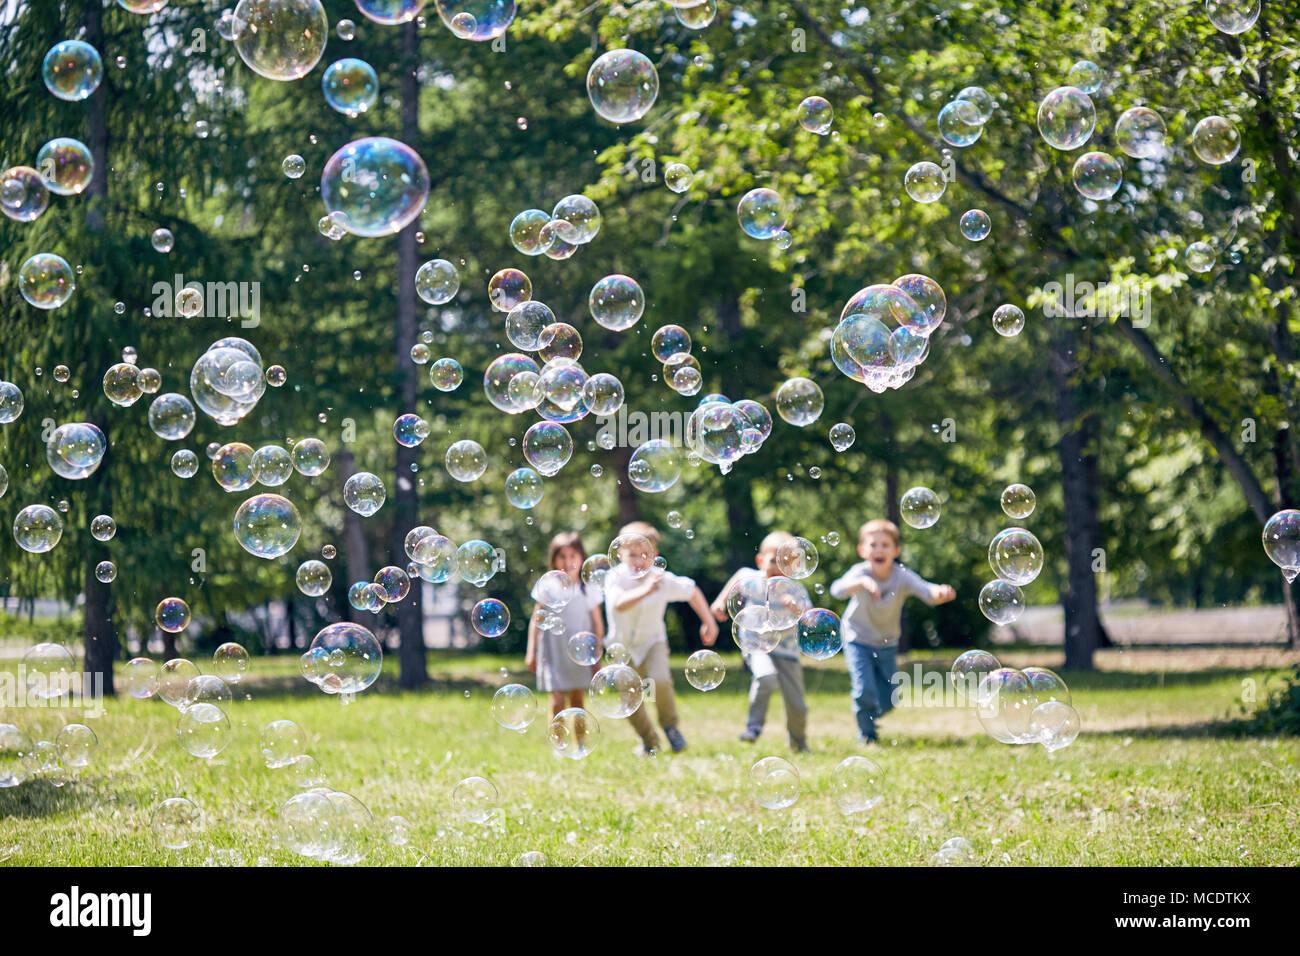 Aktive Spiele Spielen im Freien Stockbild